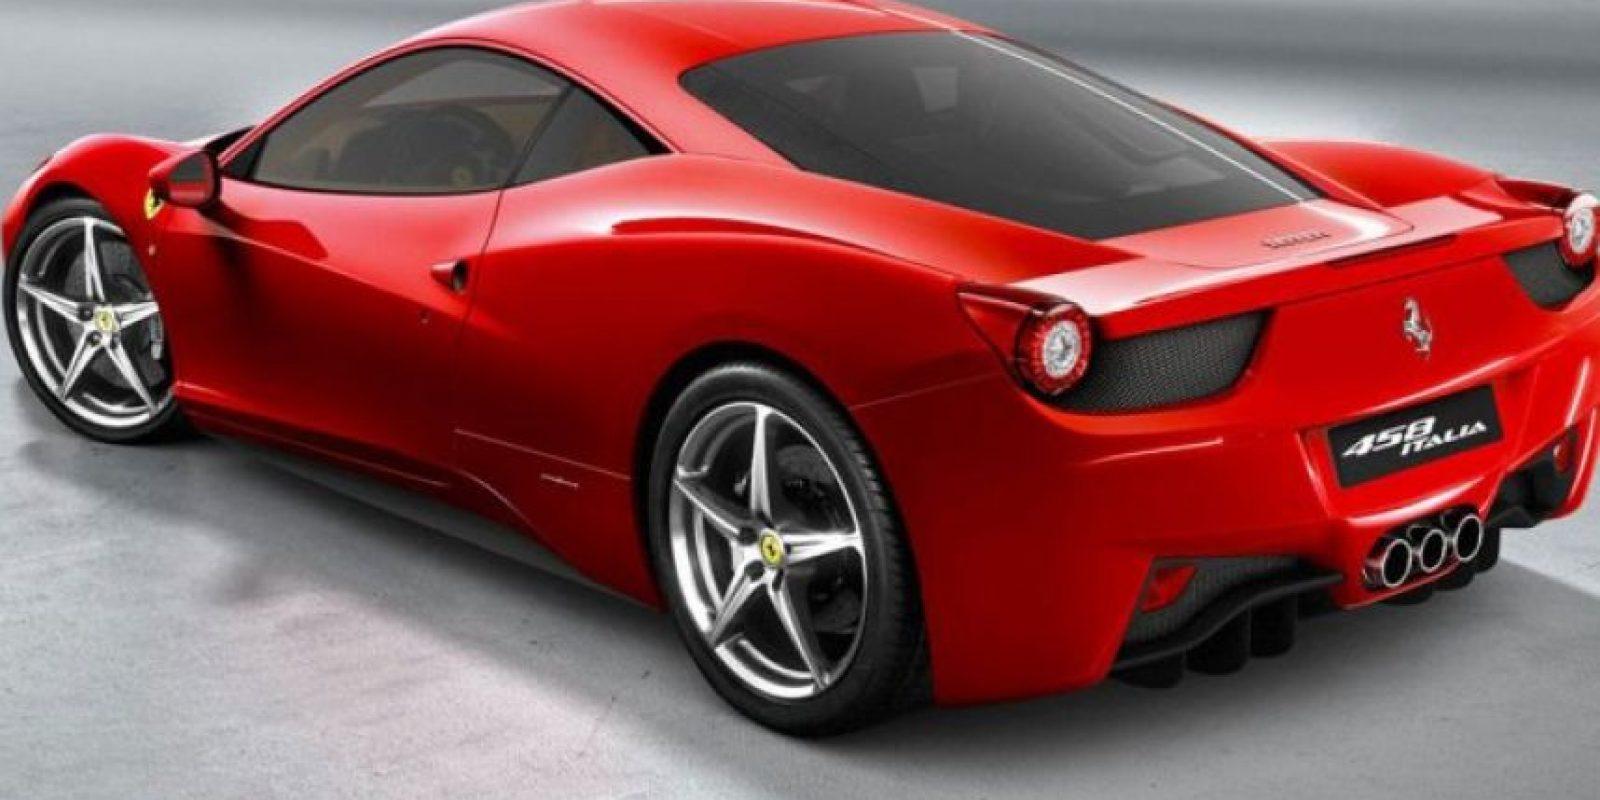 Alcanza las 9000 rpm y consta de una transmision de 7 cambios. Foto:ferrari.com